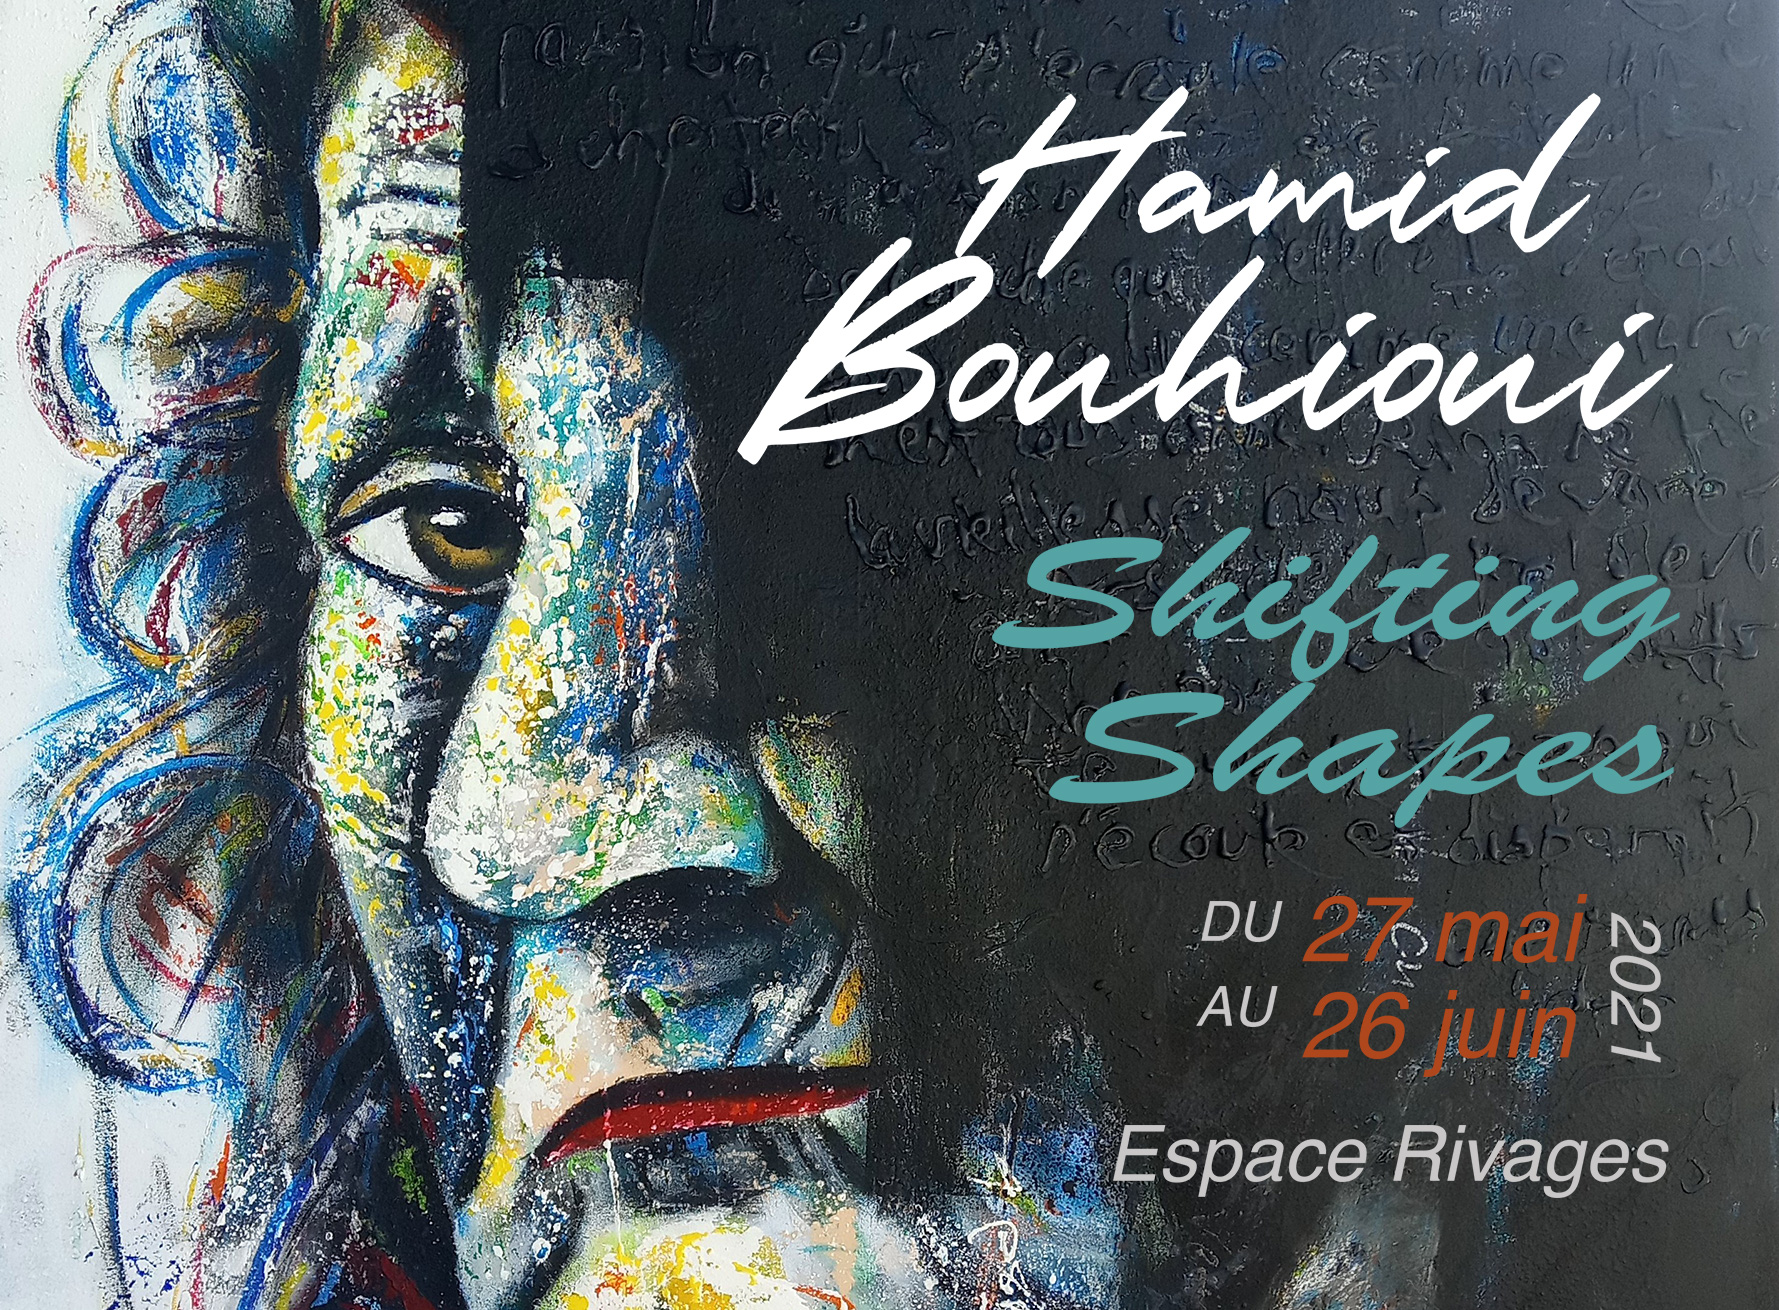 معرض الفنان التشكيلي حميد بوحيوي